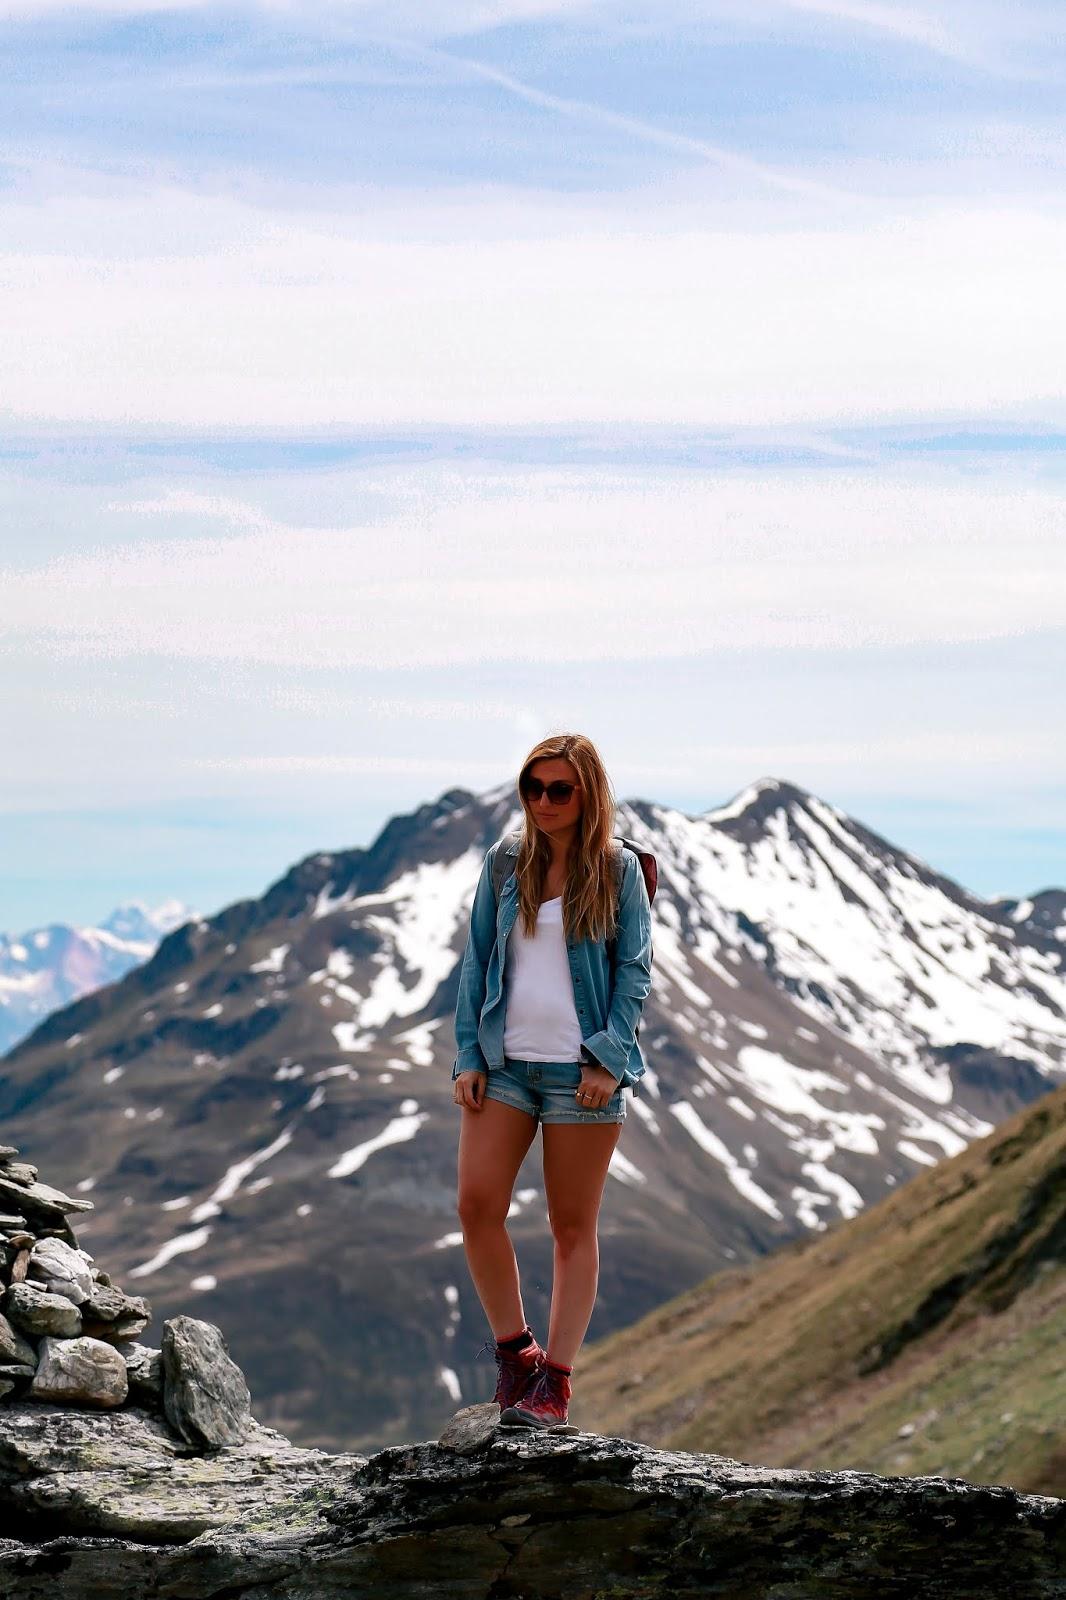 Was-zieht-man-zum-wandern-an-Wanderoutfit-fashionstylebyjohanna-wanderung-in-österreich-outdoorblogger